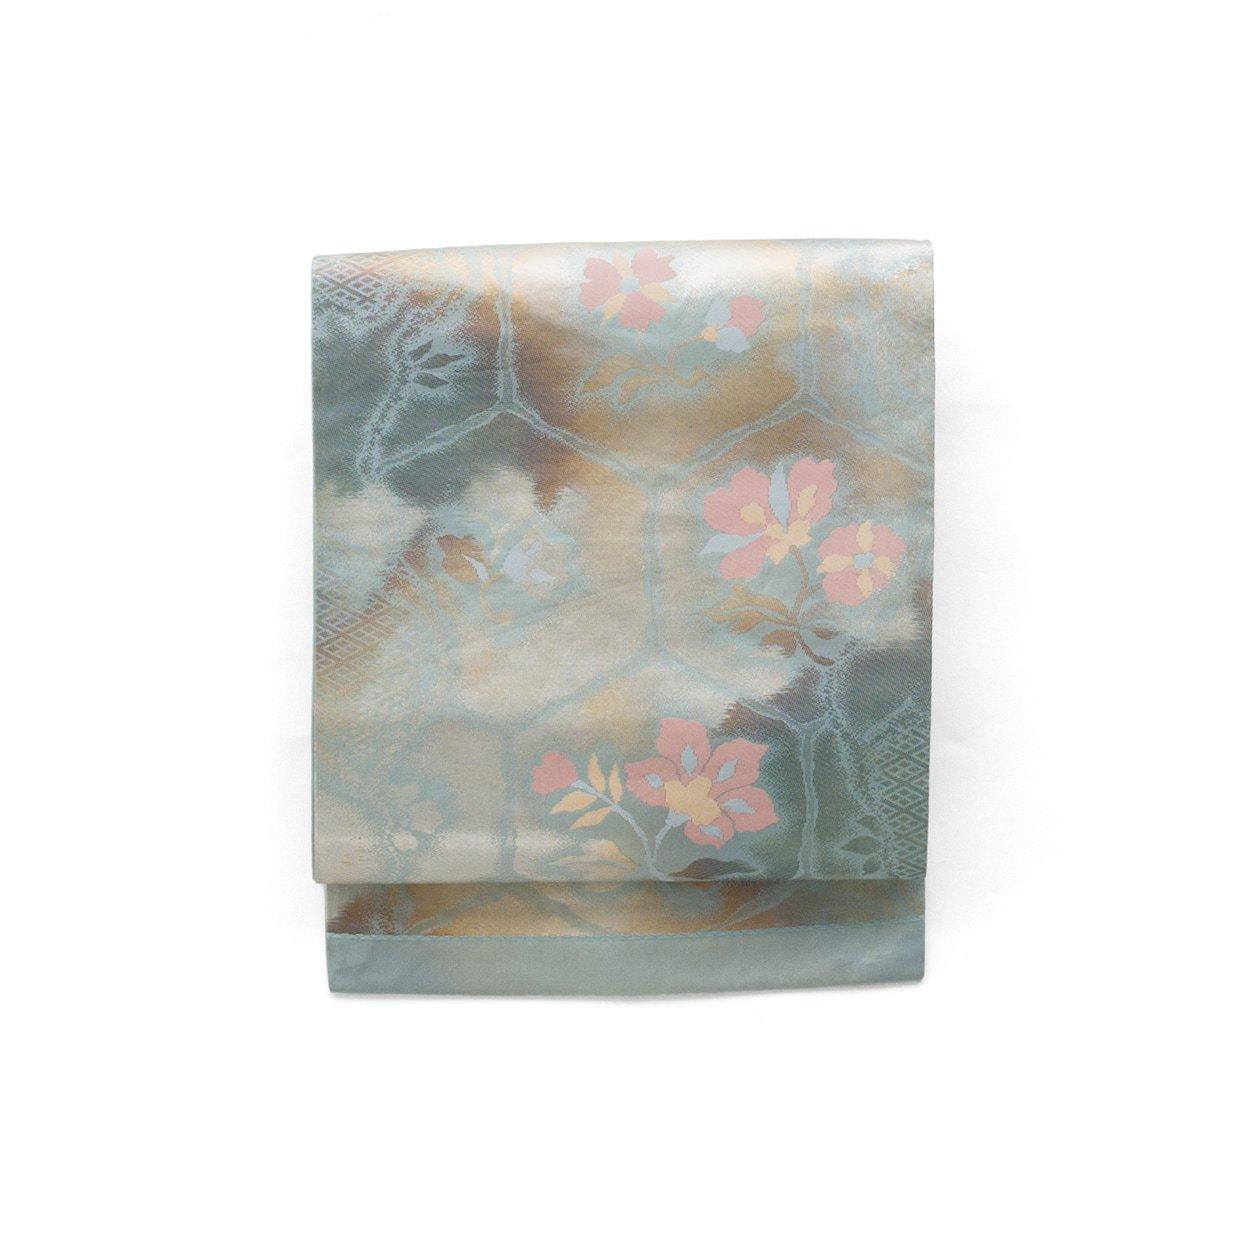 「亀甲に唐花」の商品画像